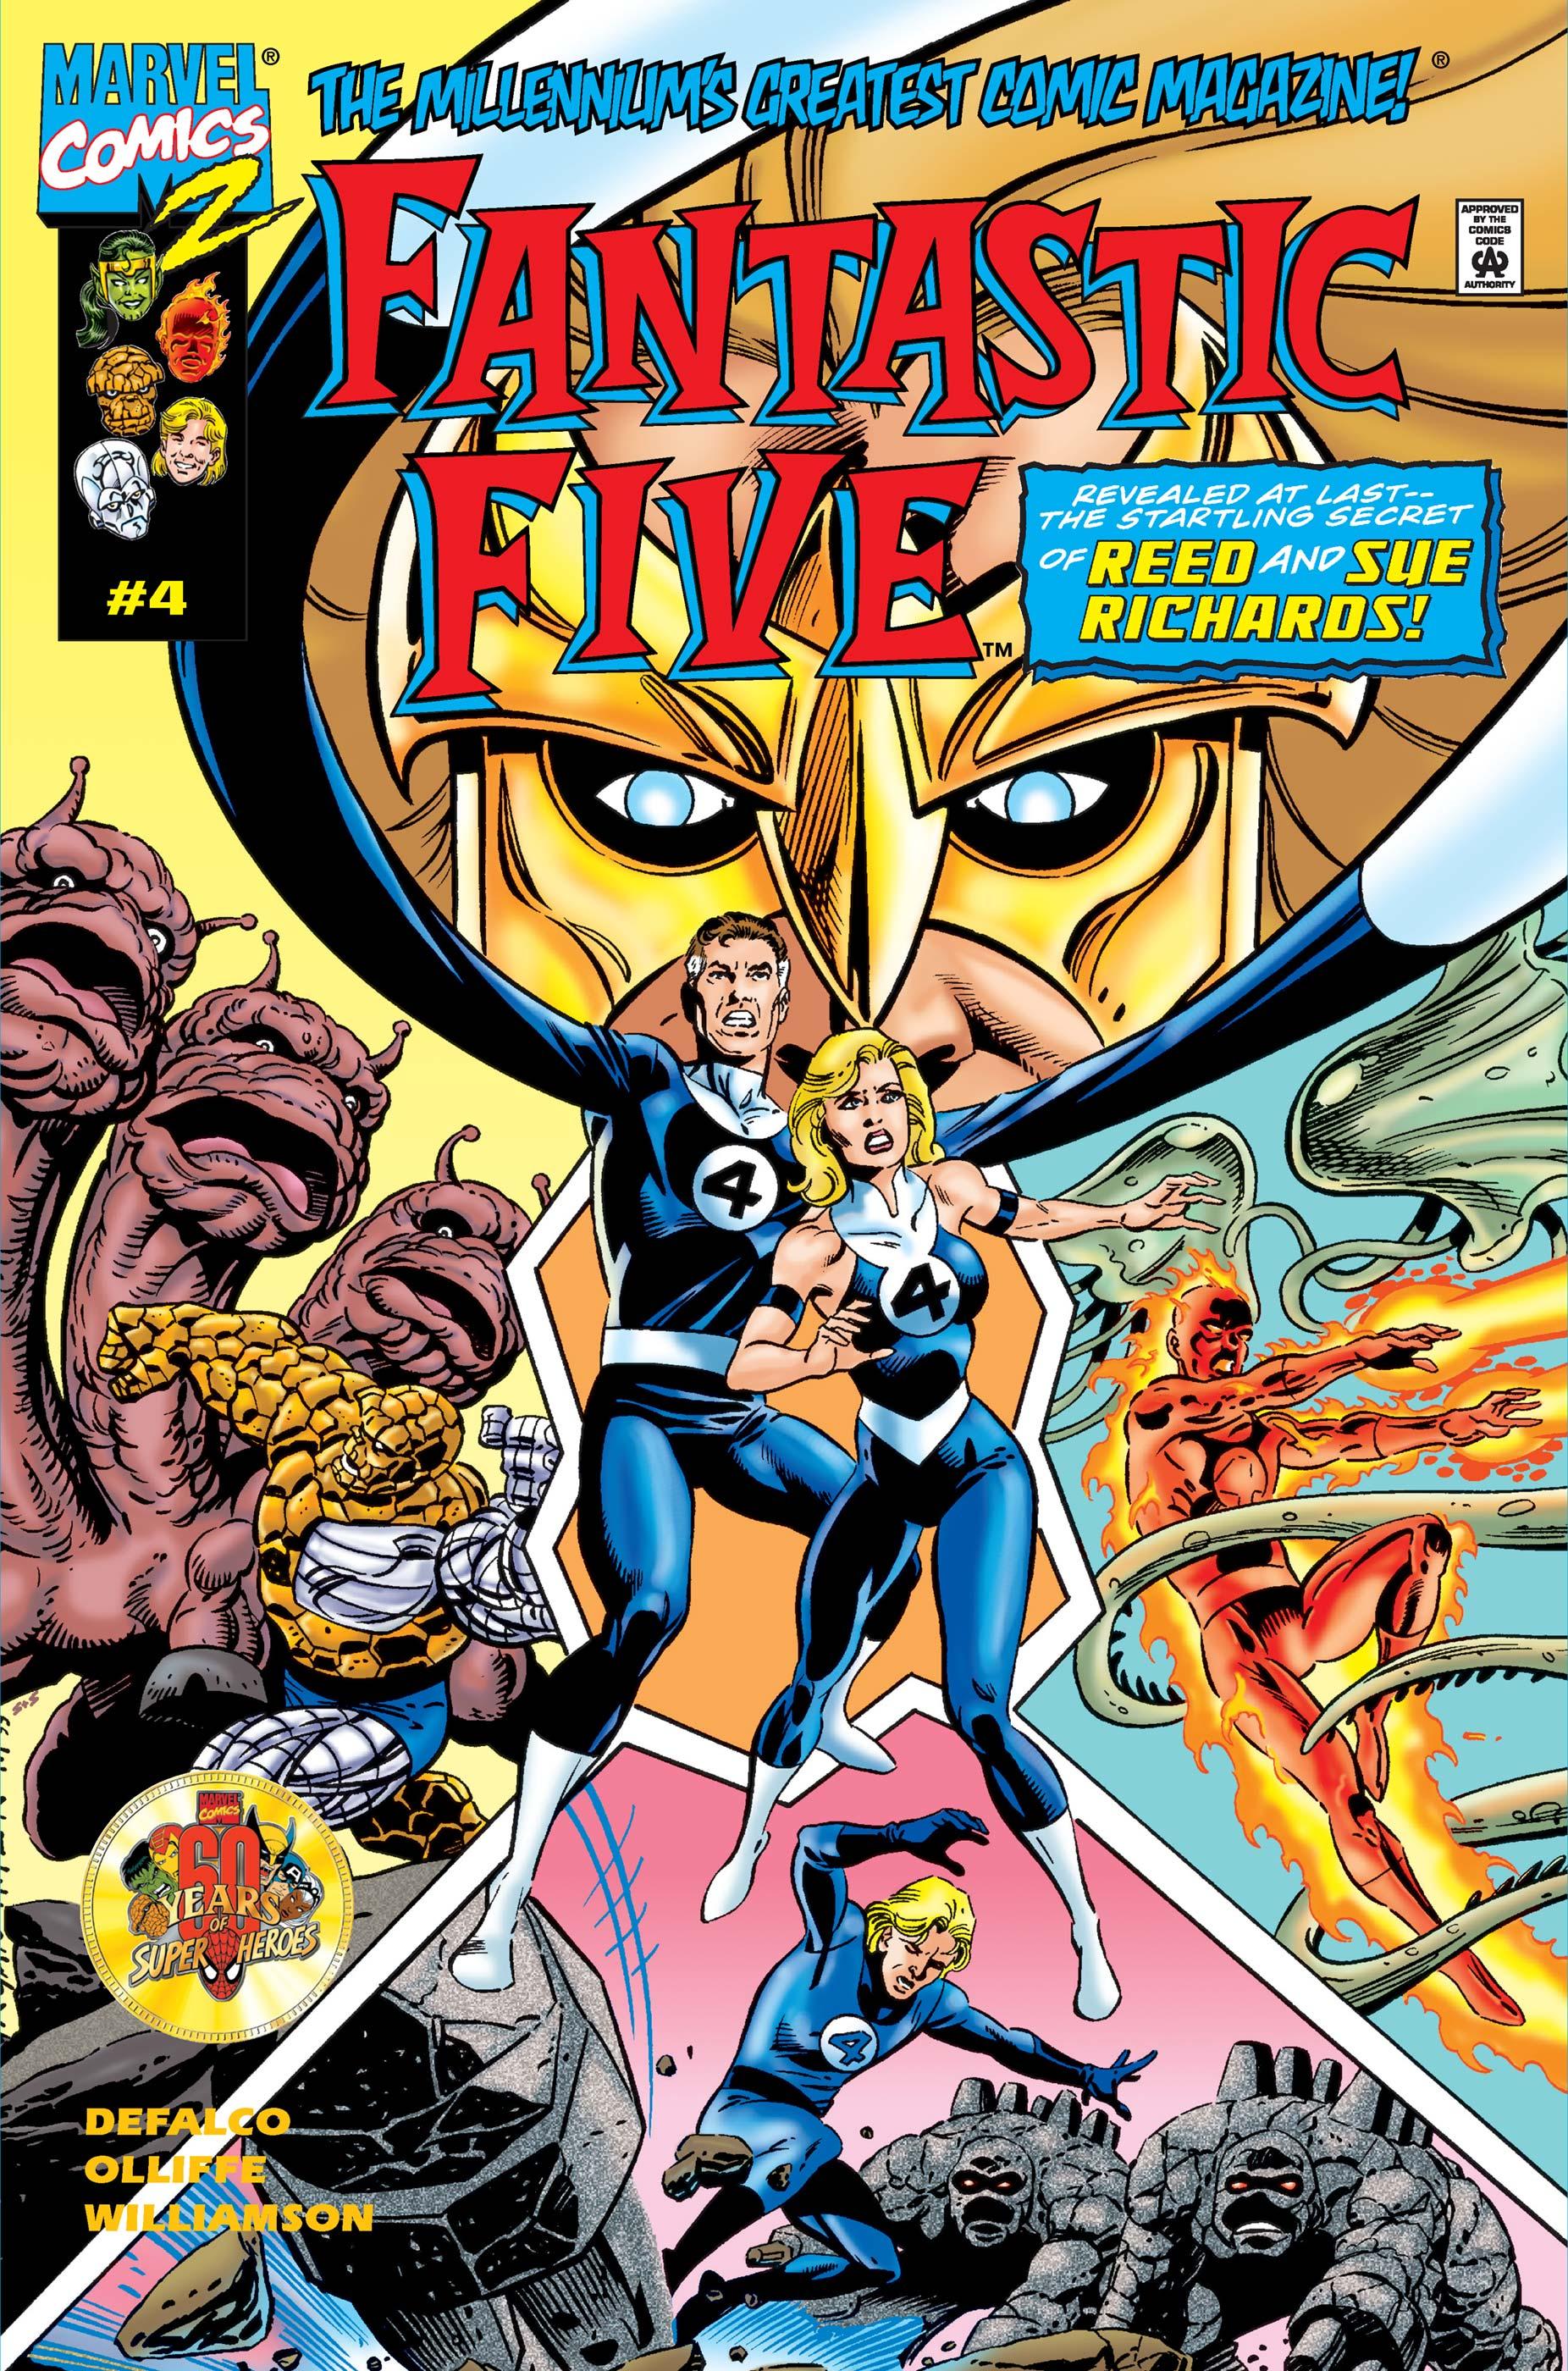 Fantastic Five (1999) #4